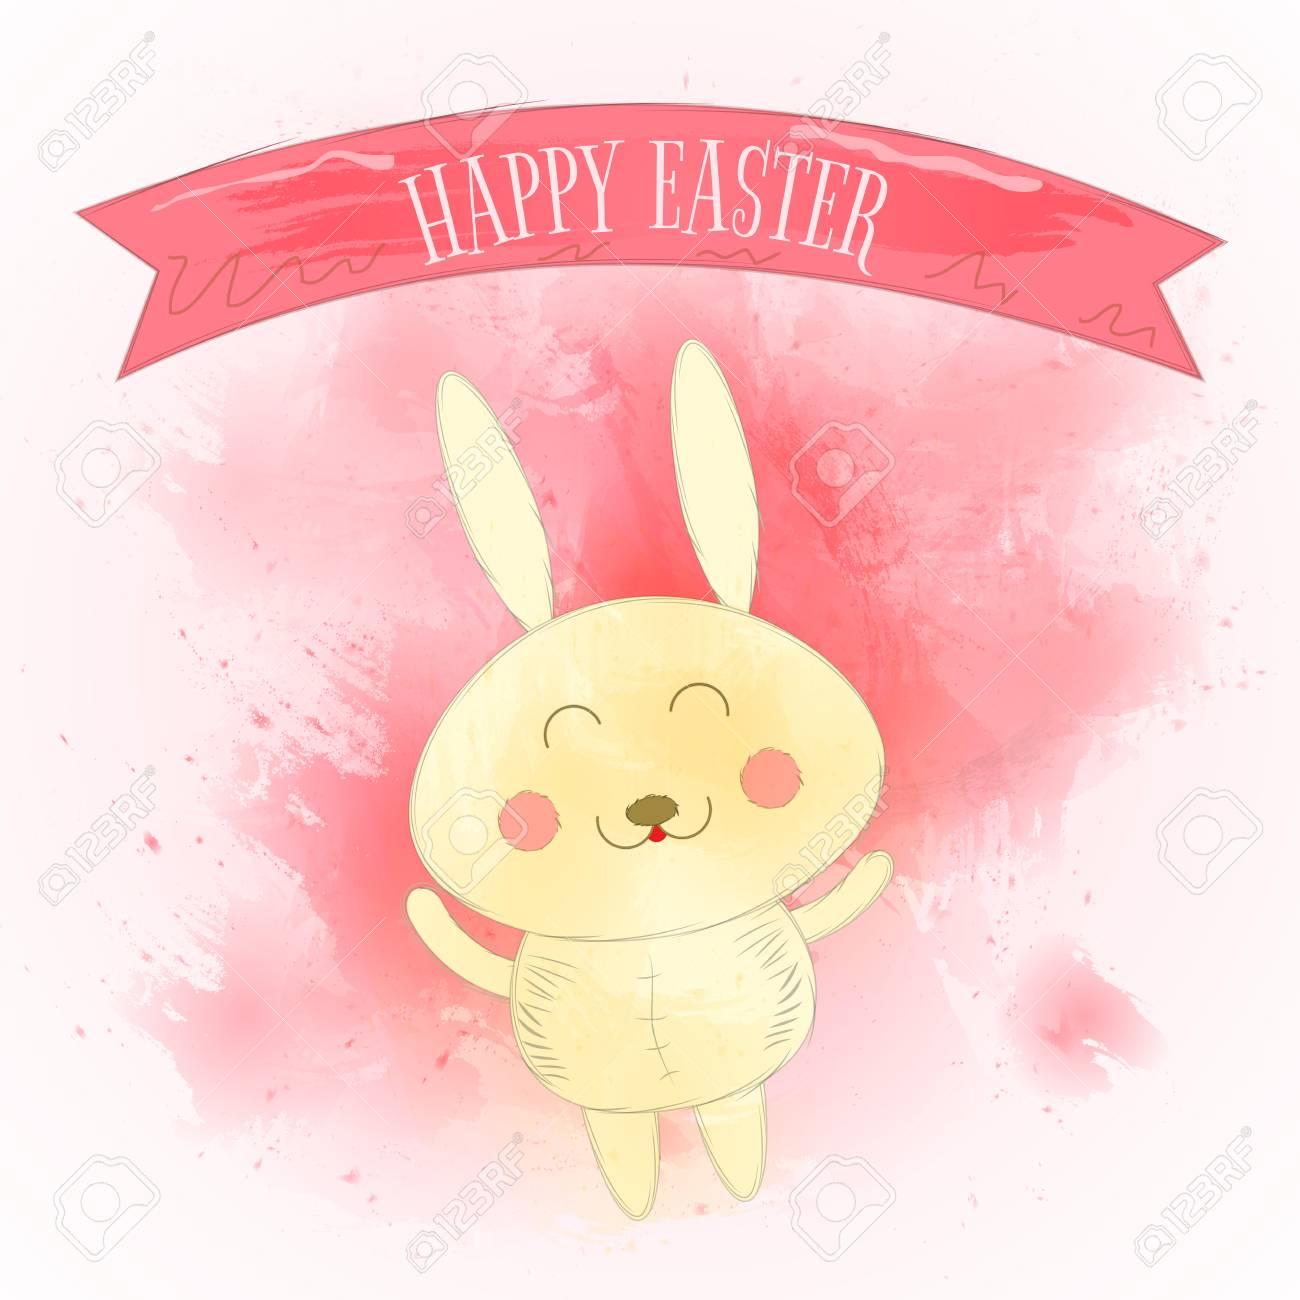 Frohe Ostern Grußkarte Mit Niedlichen Kaninchen Und Aquarell